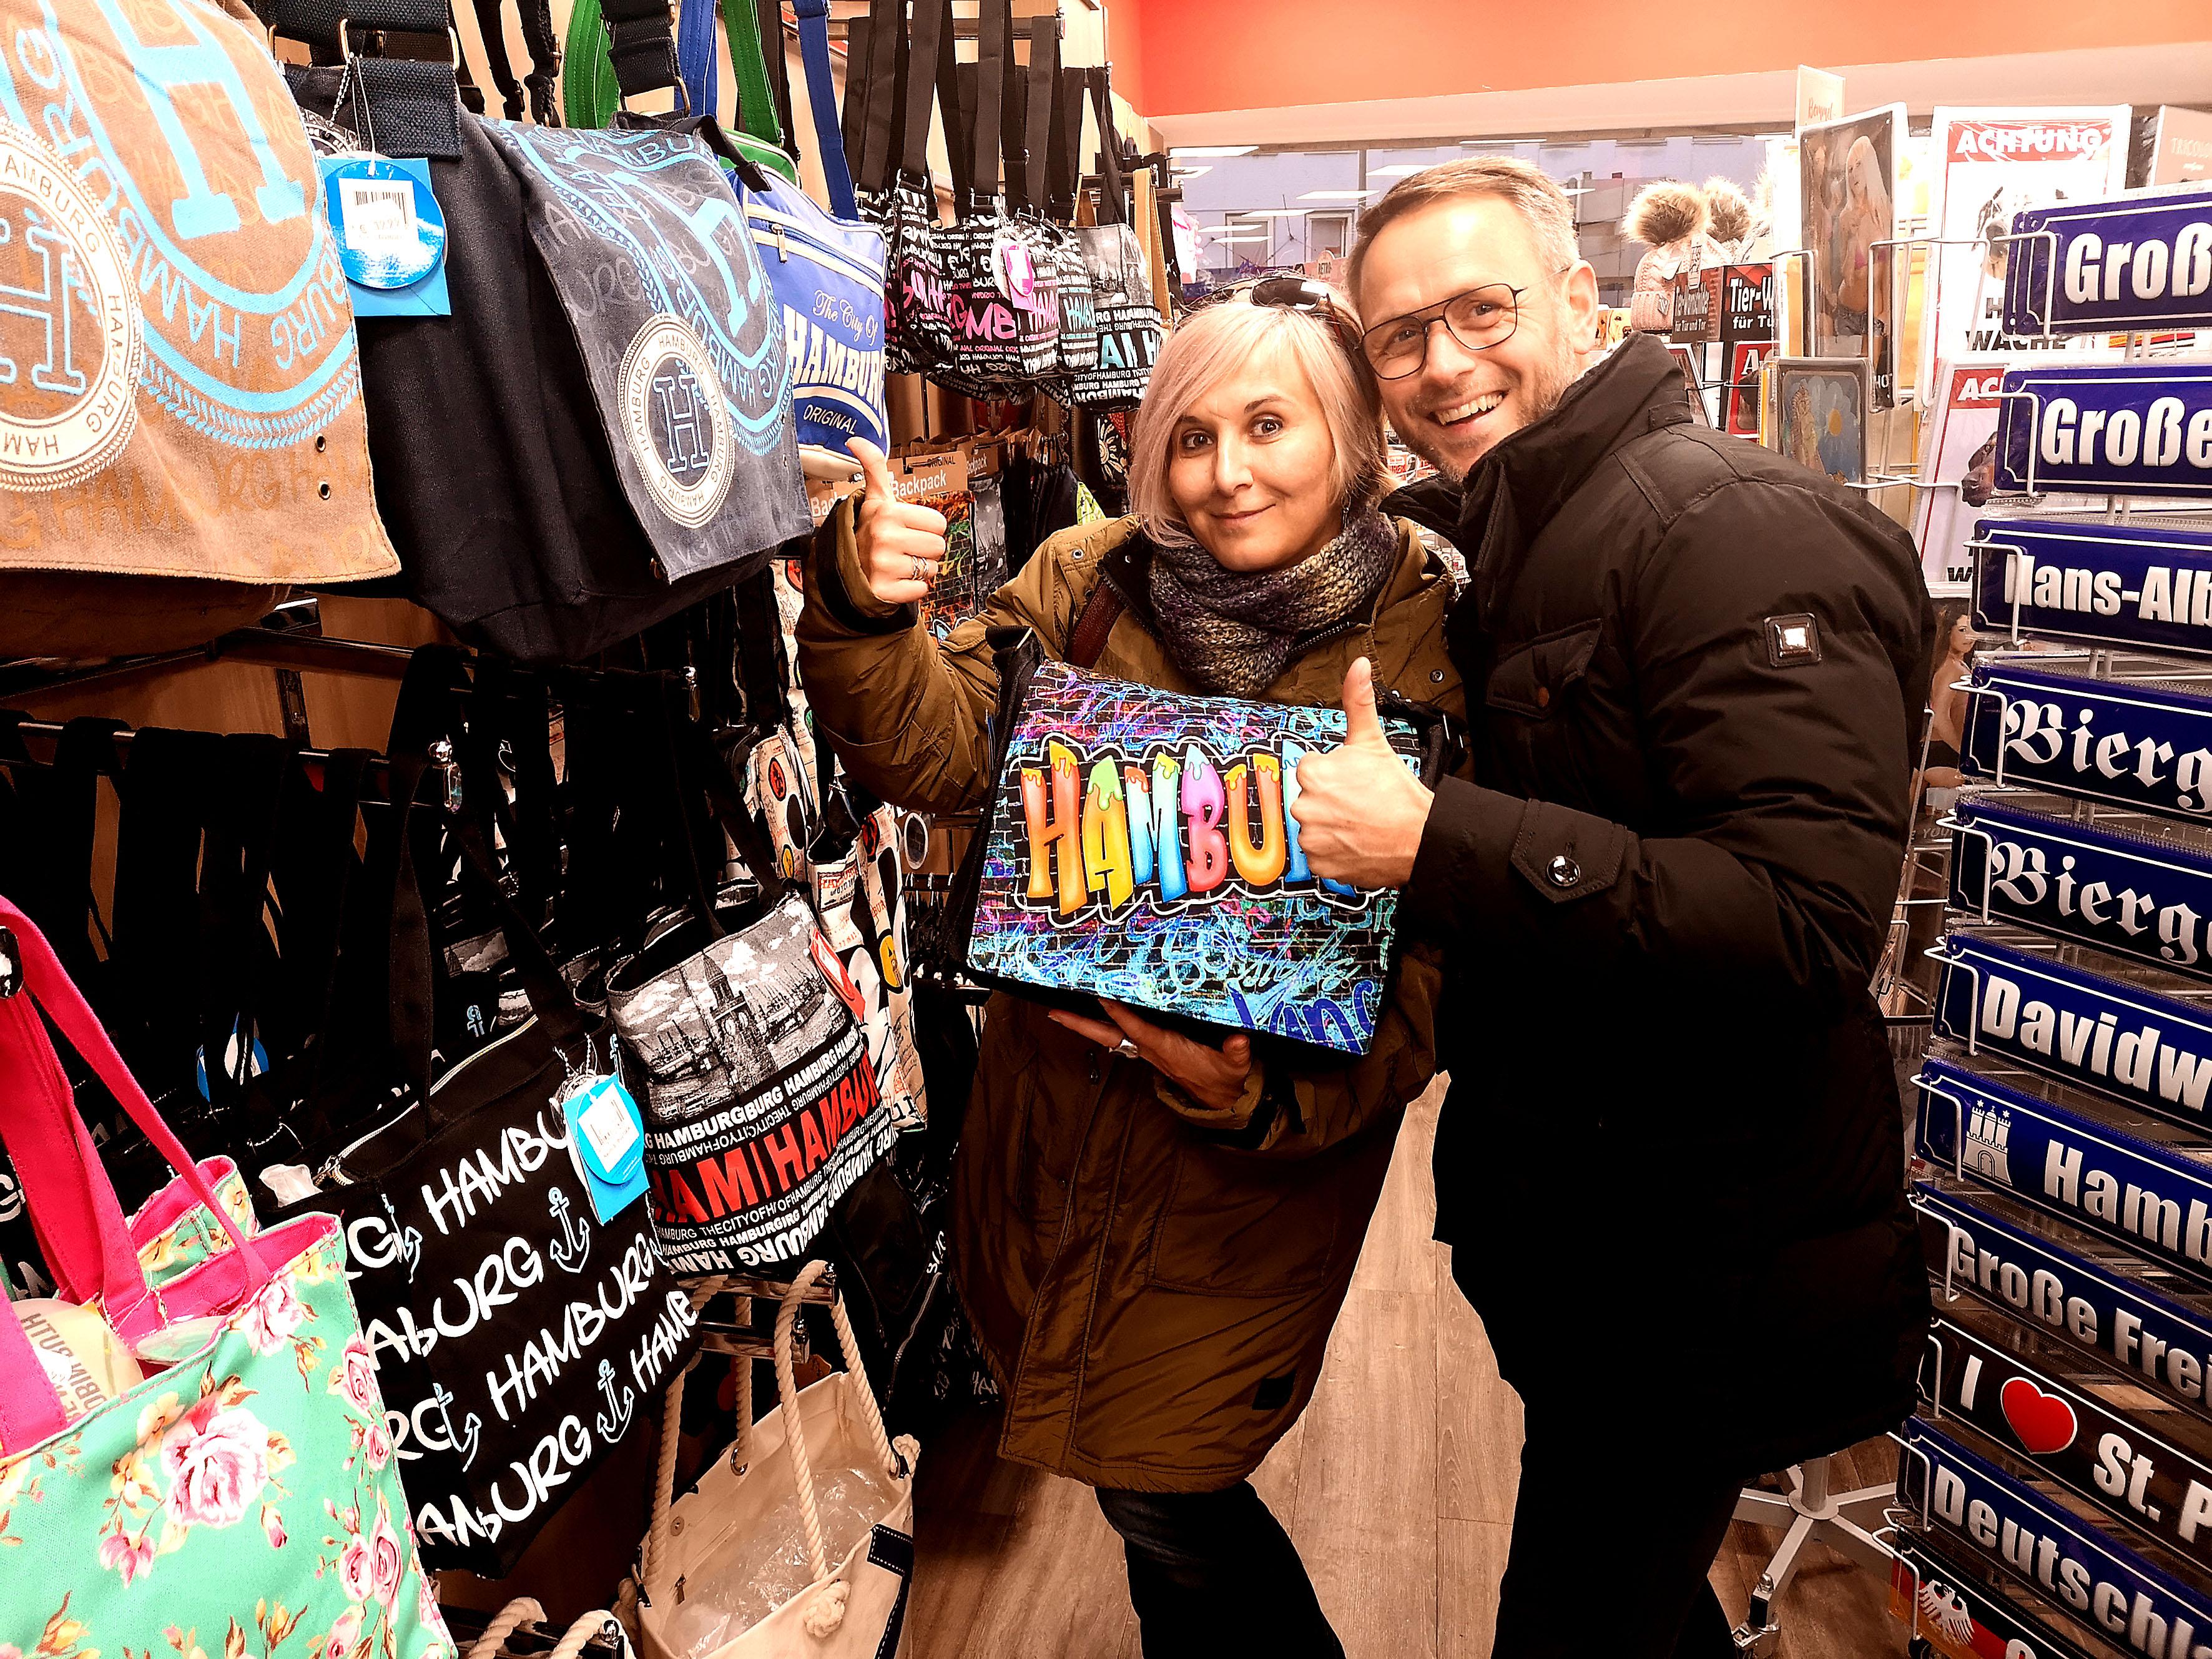 Foto: Michael B. Rehders - Auf der Reeperbahn nachts um halb Eins endeckte Bianca diese bunte Tasche. Guido von BenQ schenkte sie der Gewinnerin.